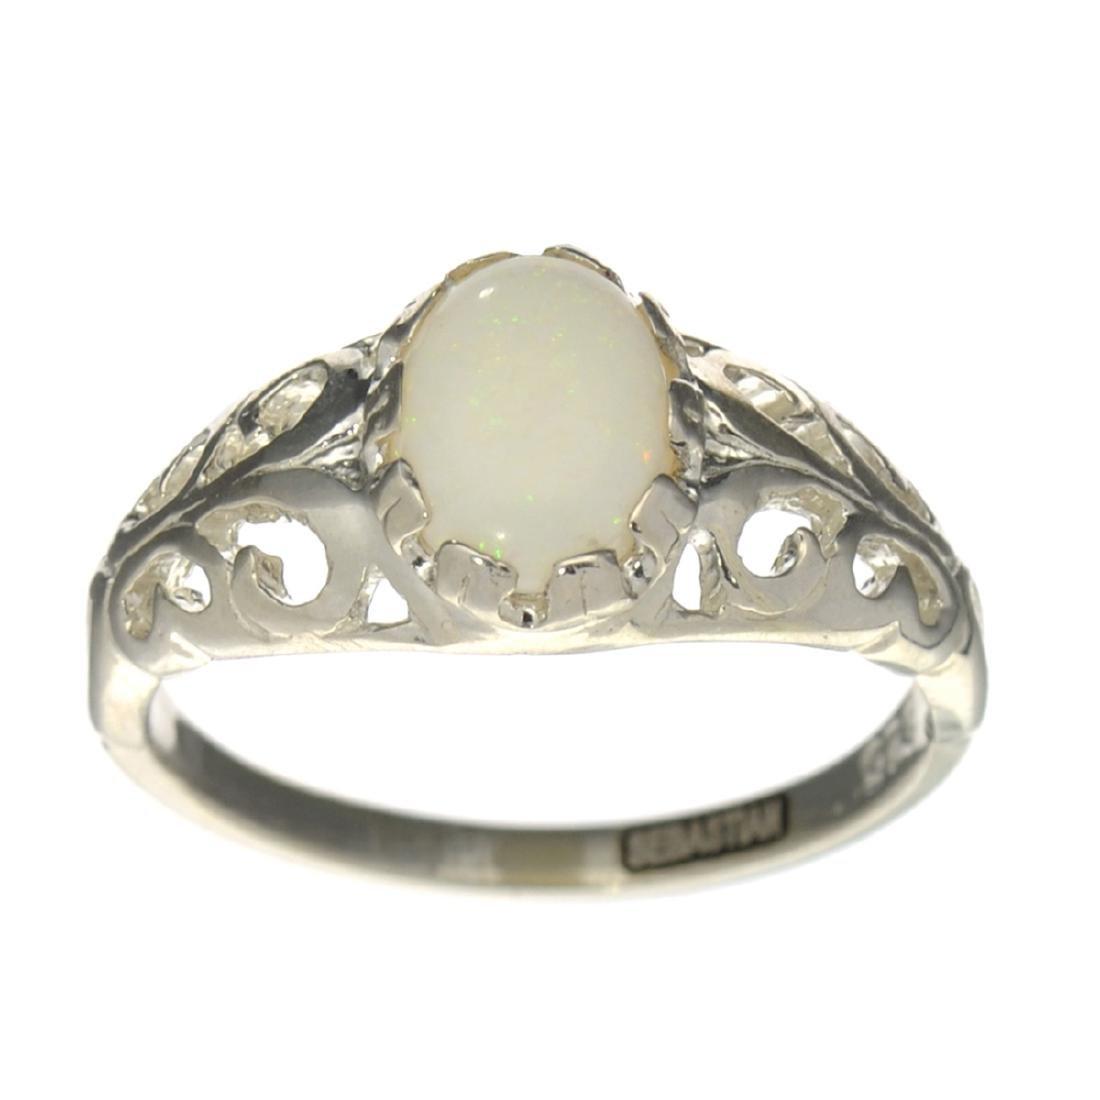 APP: 0.5k Fine Jewelry 0.60CT Oval Cut Cabochon Opal